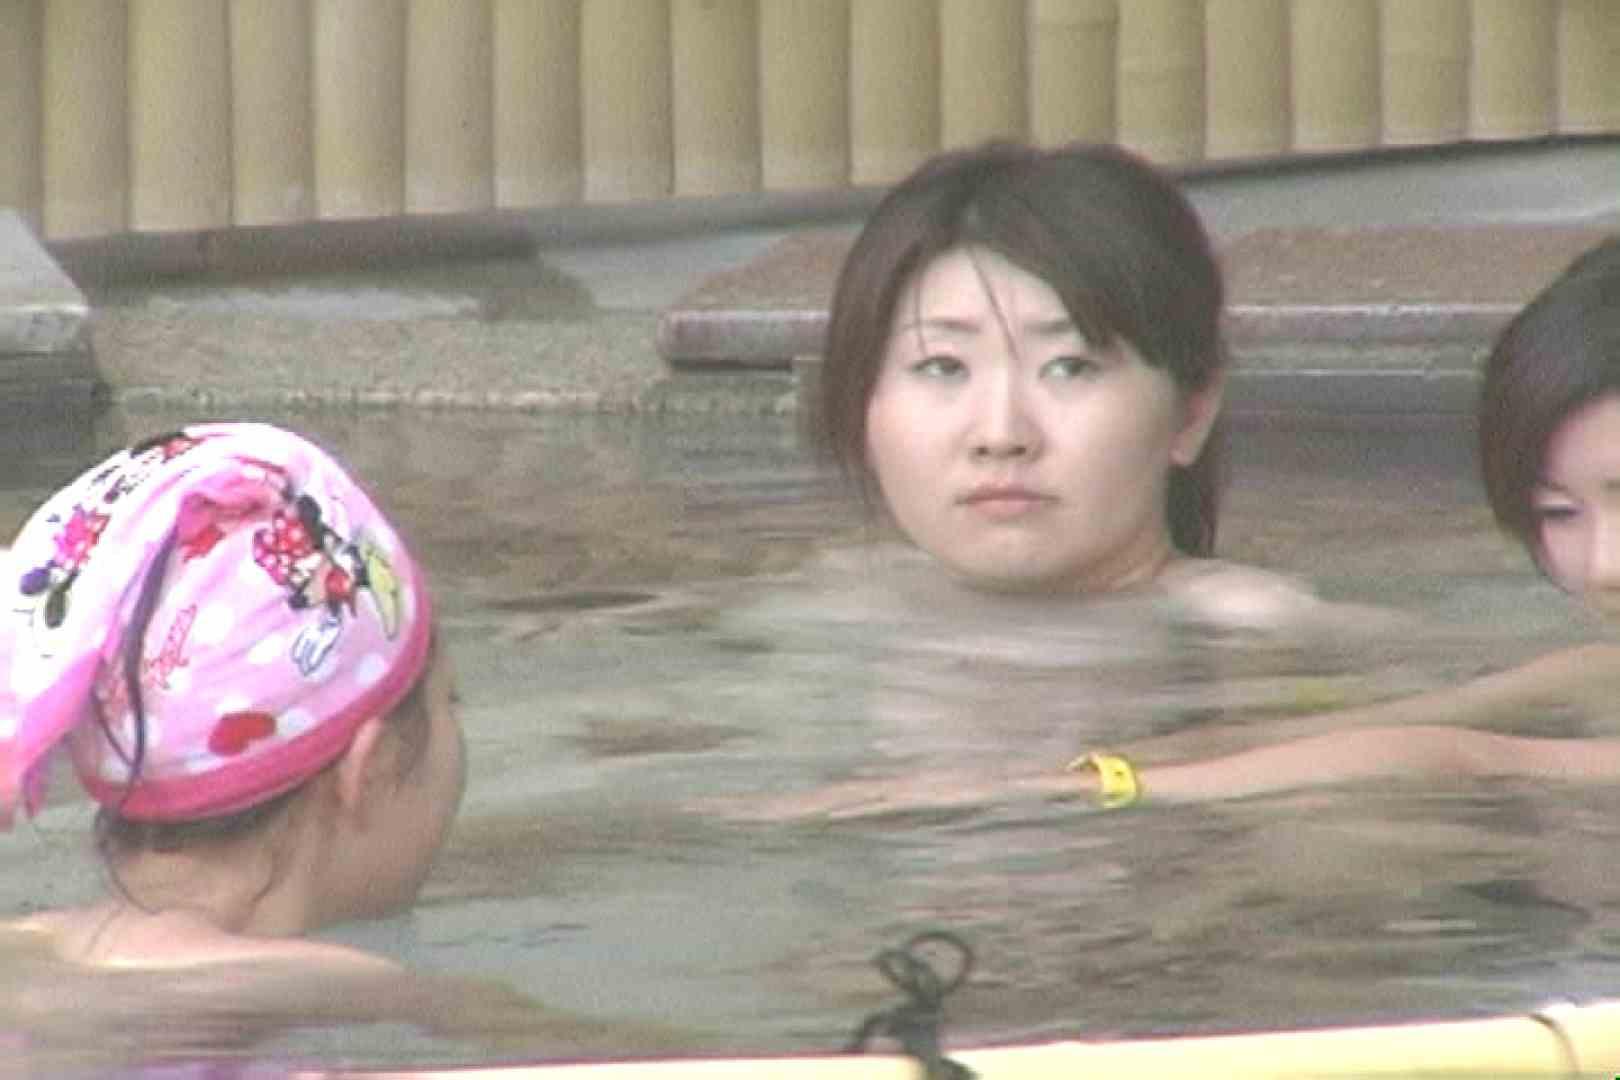 Aquaな露天風呂Vol.25 露天   盗撮特集  106画像 96